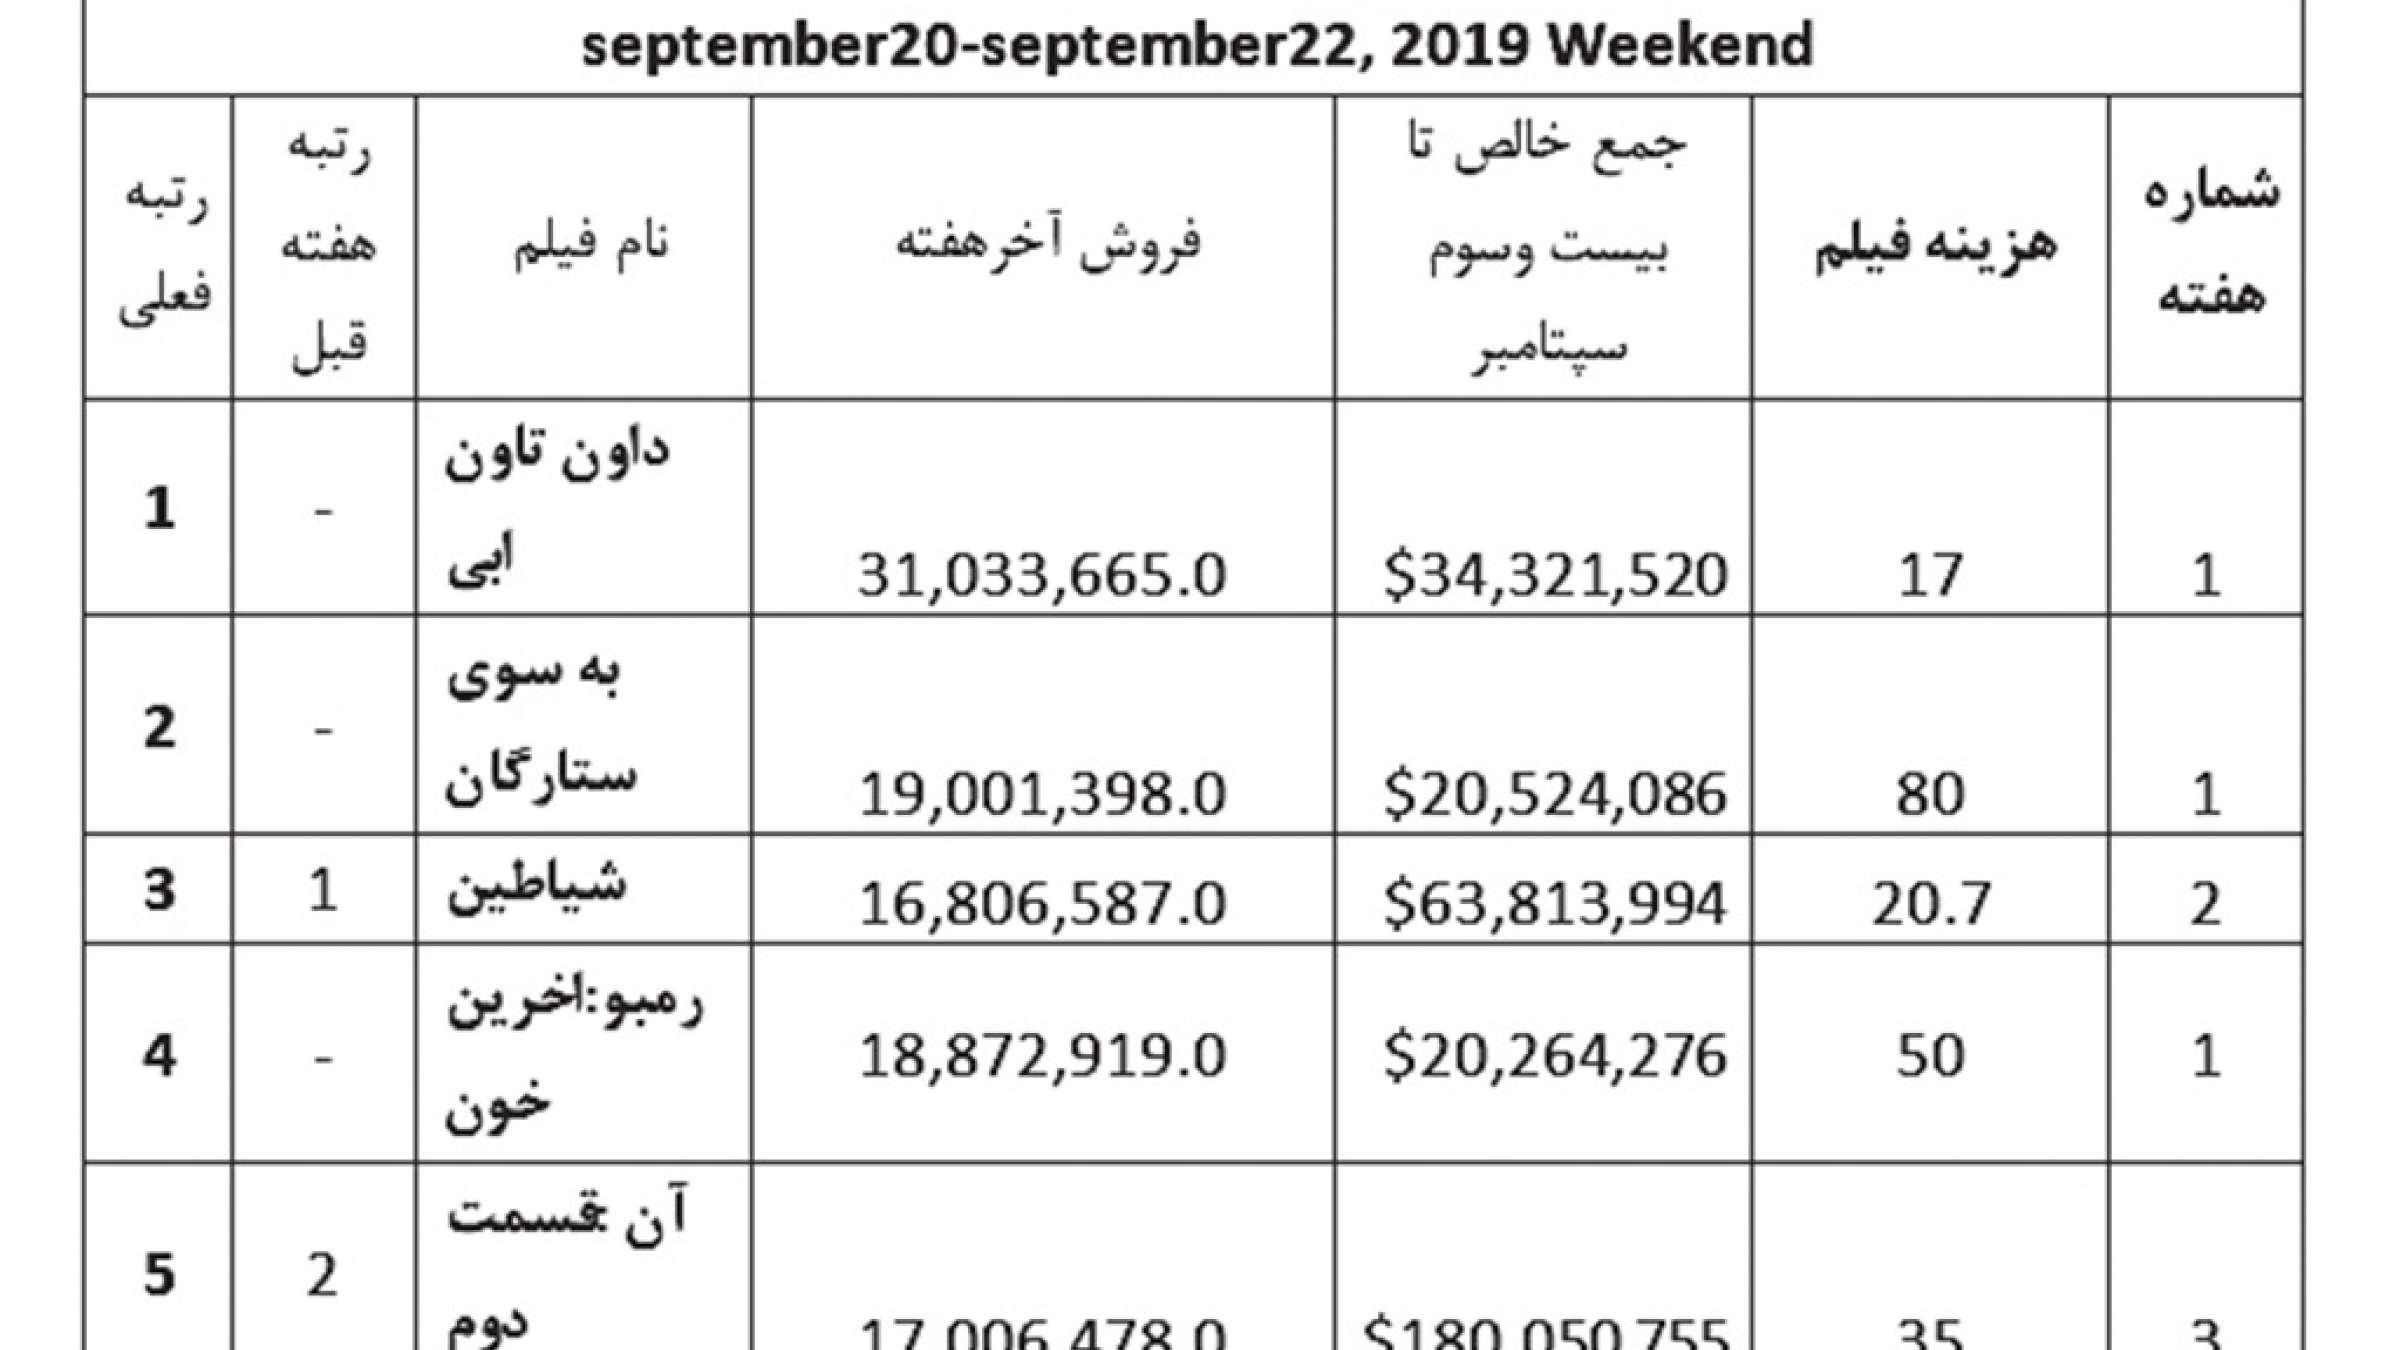 فیلم-ناظمزاده-فیلمهای-نیمه-ماه-سپتامبر-لیست